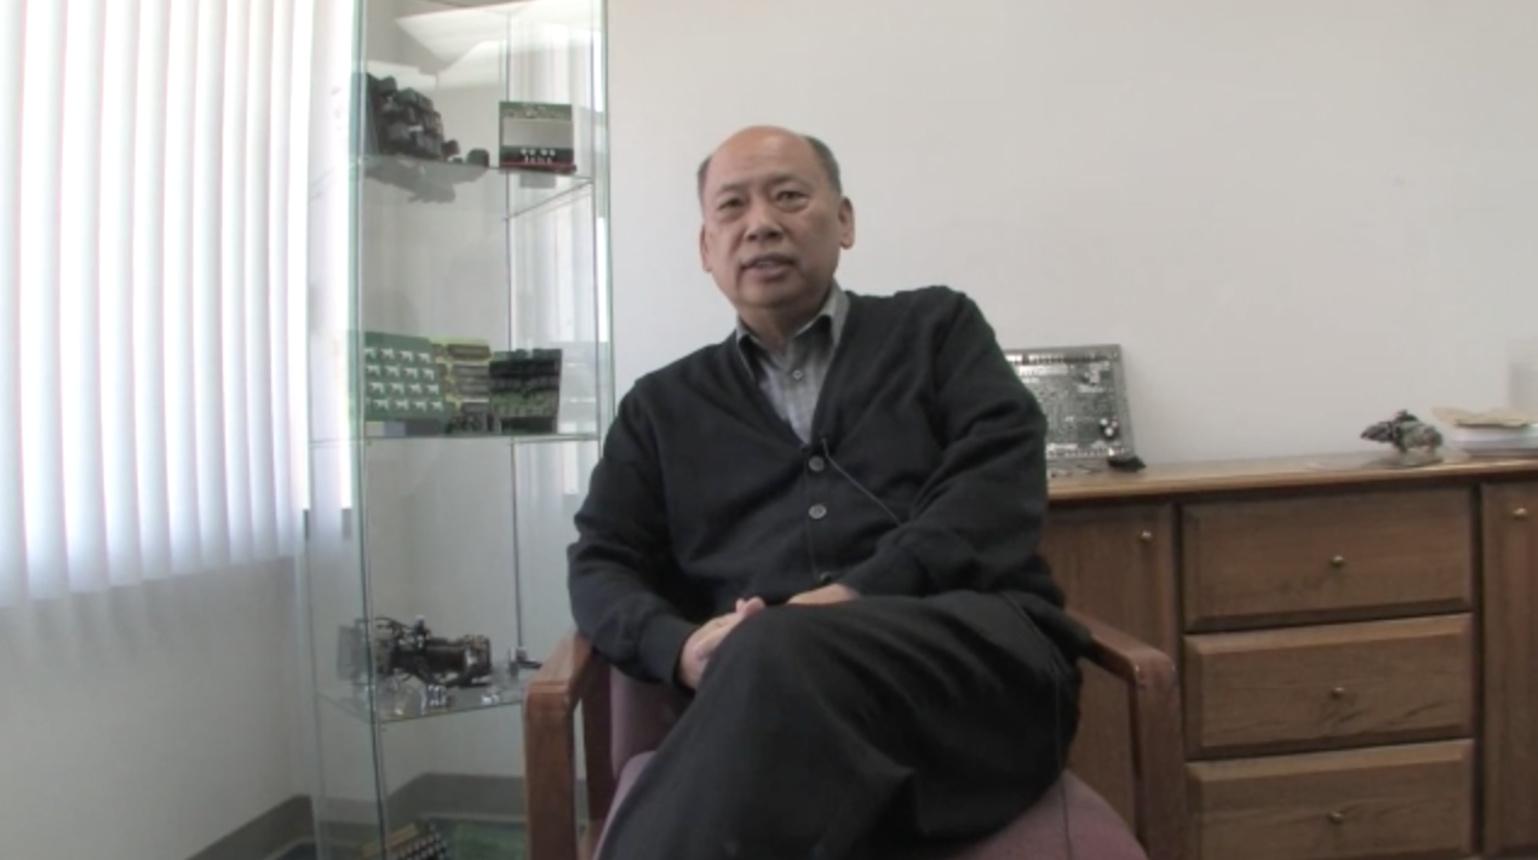 Robotics History: Narratives and Networks Oral Histories: Bruce Shimano